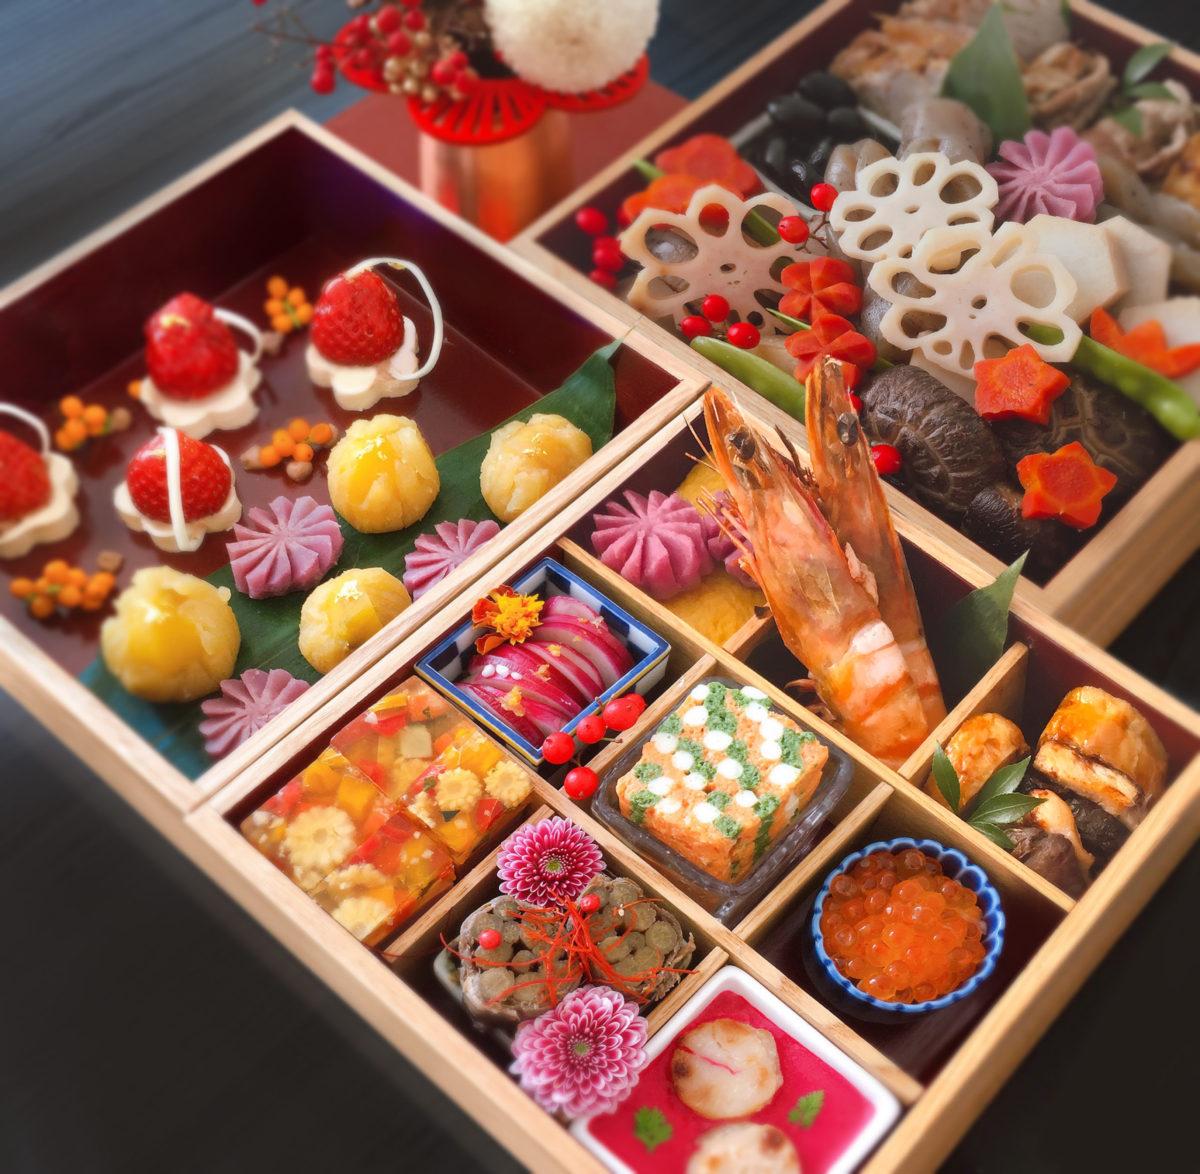 松屋漆器 おせち 重箱 日本製可愛い インスタグラム